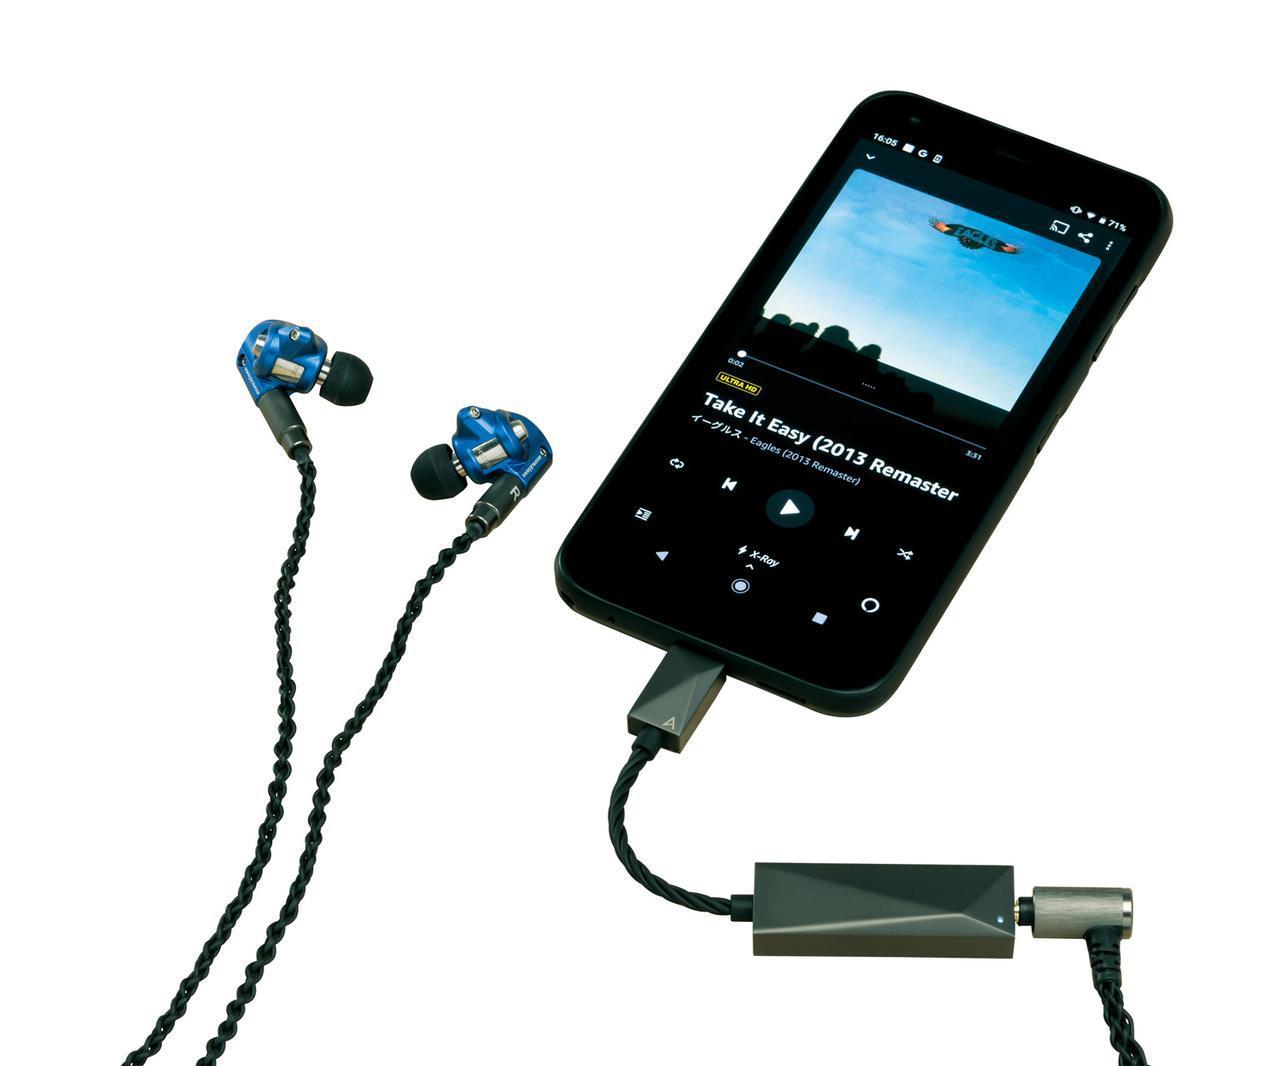 画像: その差歴然。生々しさが違う! スマホ+イヤホンでいい音を楽しむ。Astell & Kern『PEE51 AK USB-C Dual DAC Amplifier Cable』 - Stereo Sound ONLINE